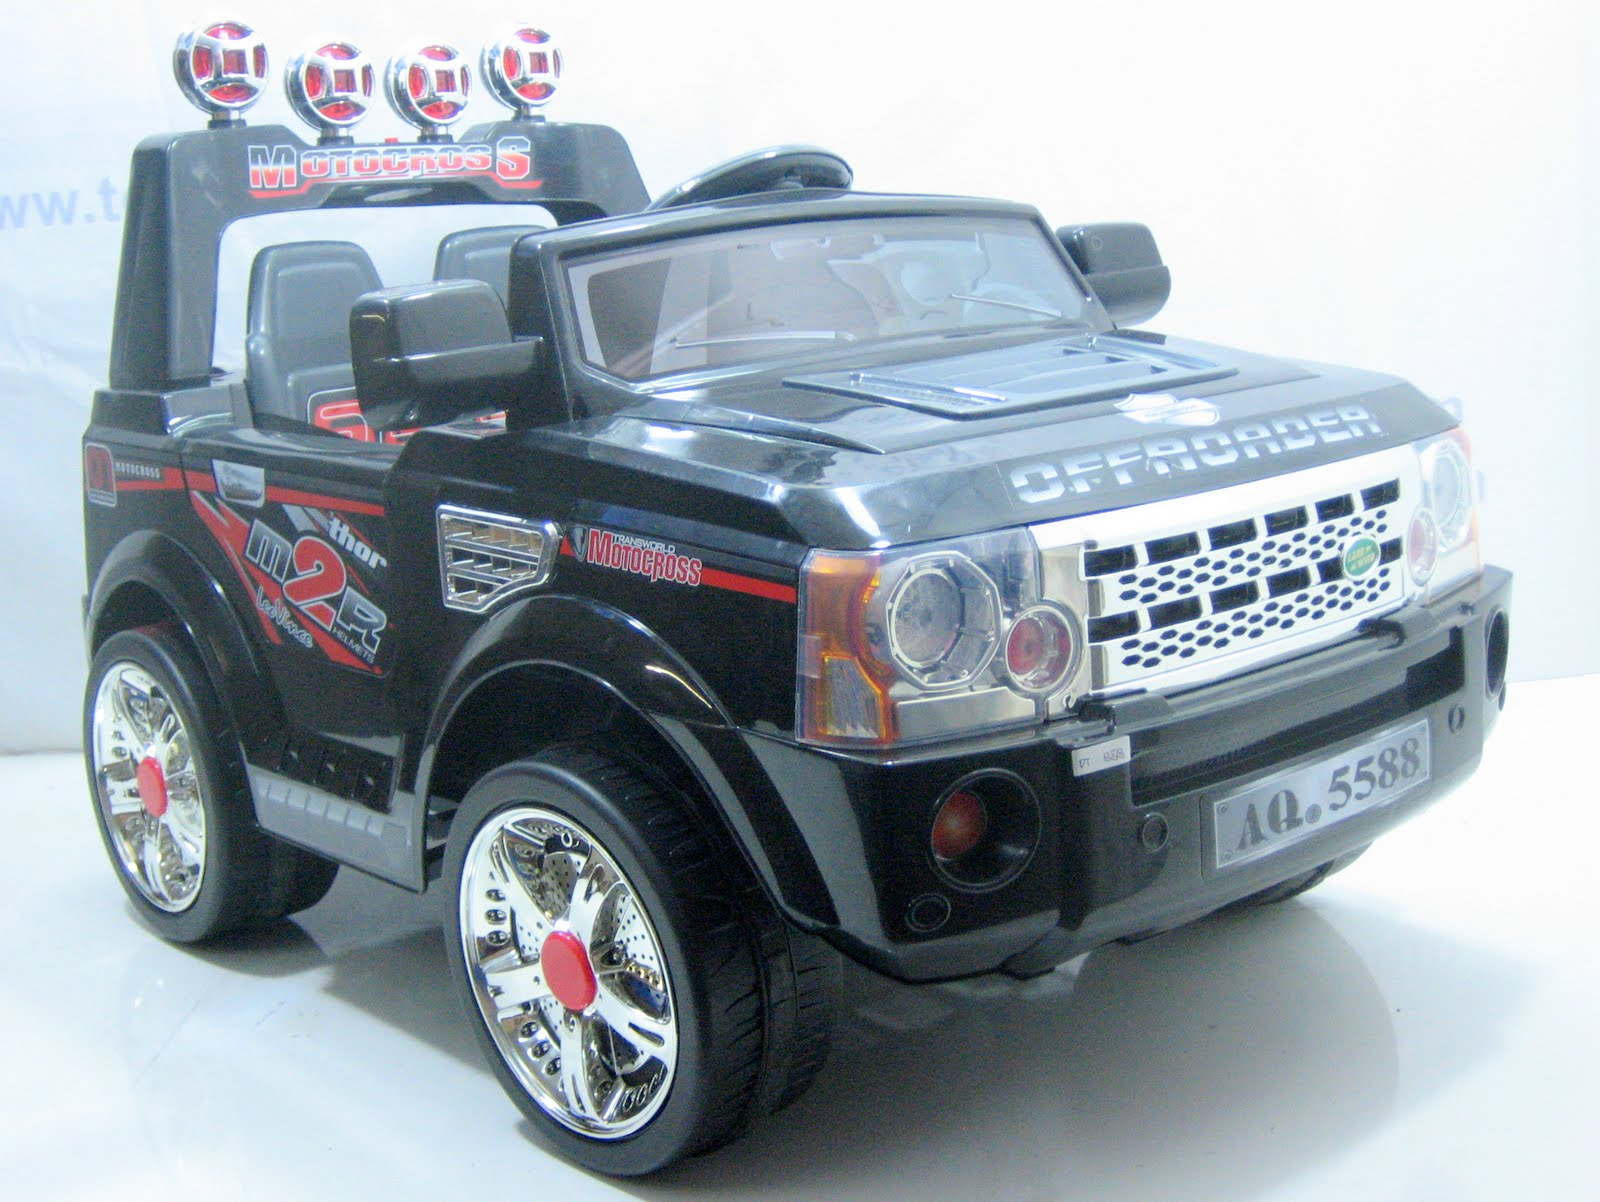 Download image Gambar Model Mobil Mainan Aki Motor PC, Android, iPhone ...